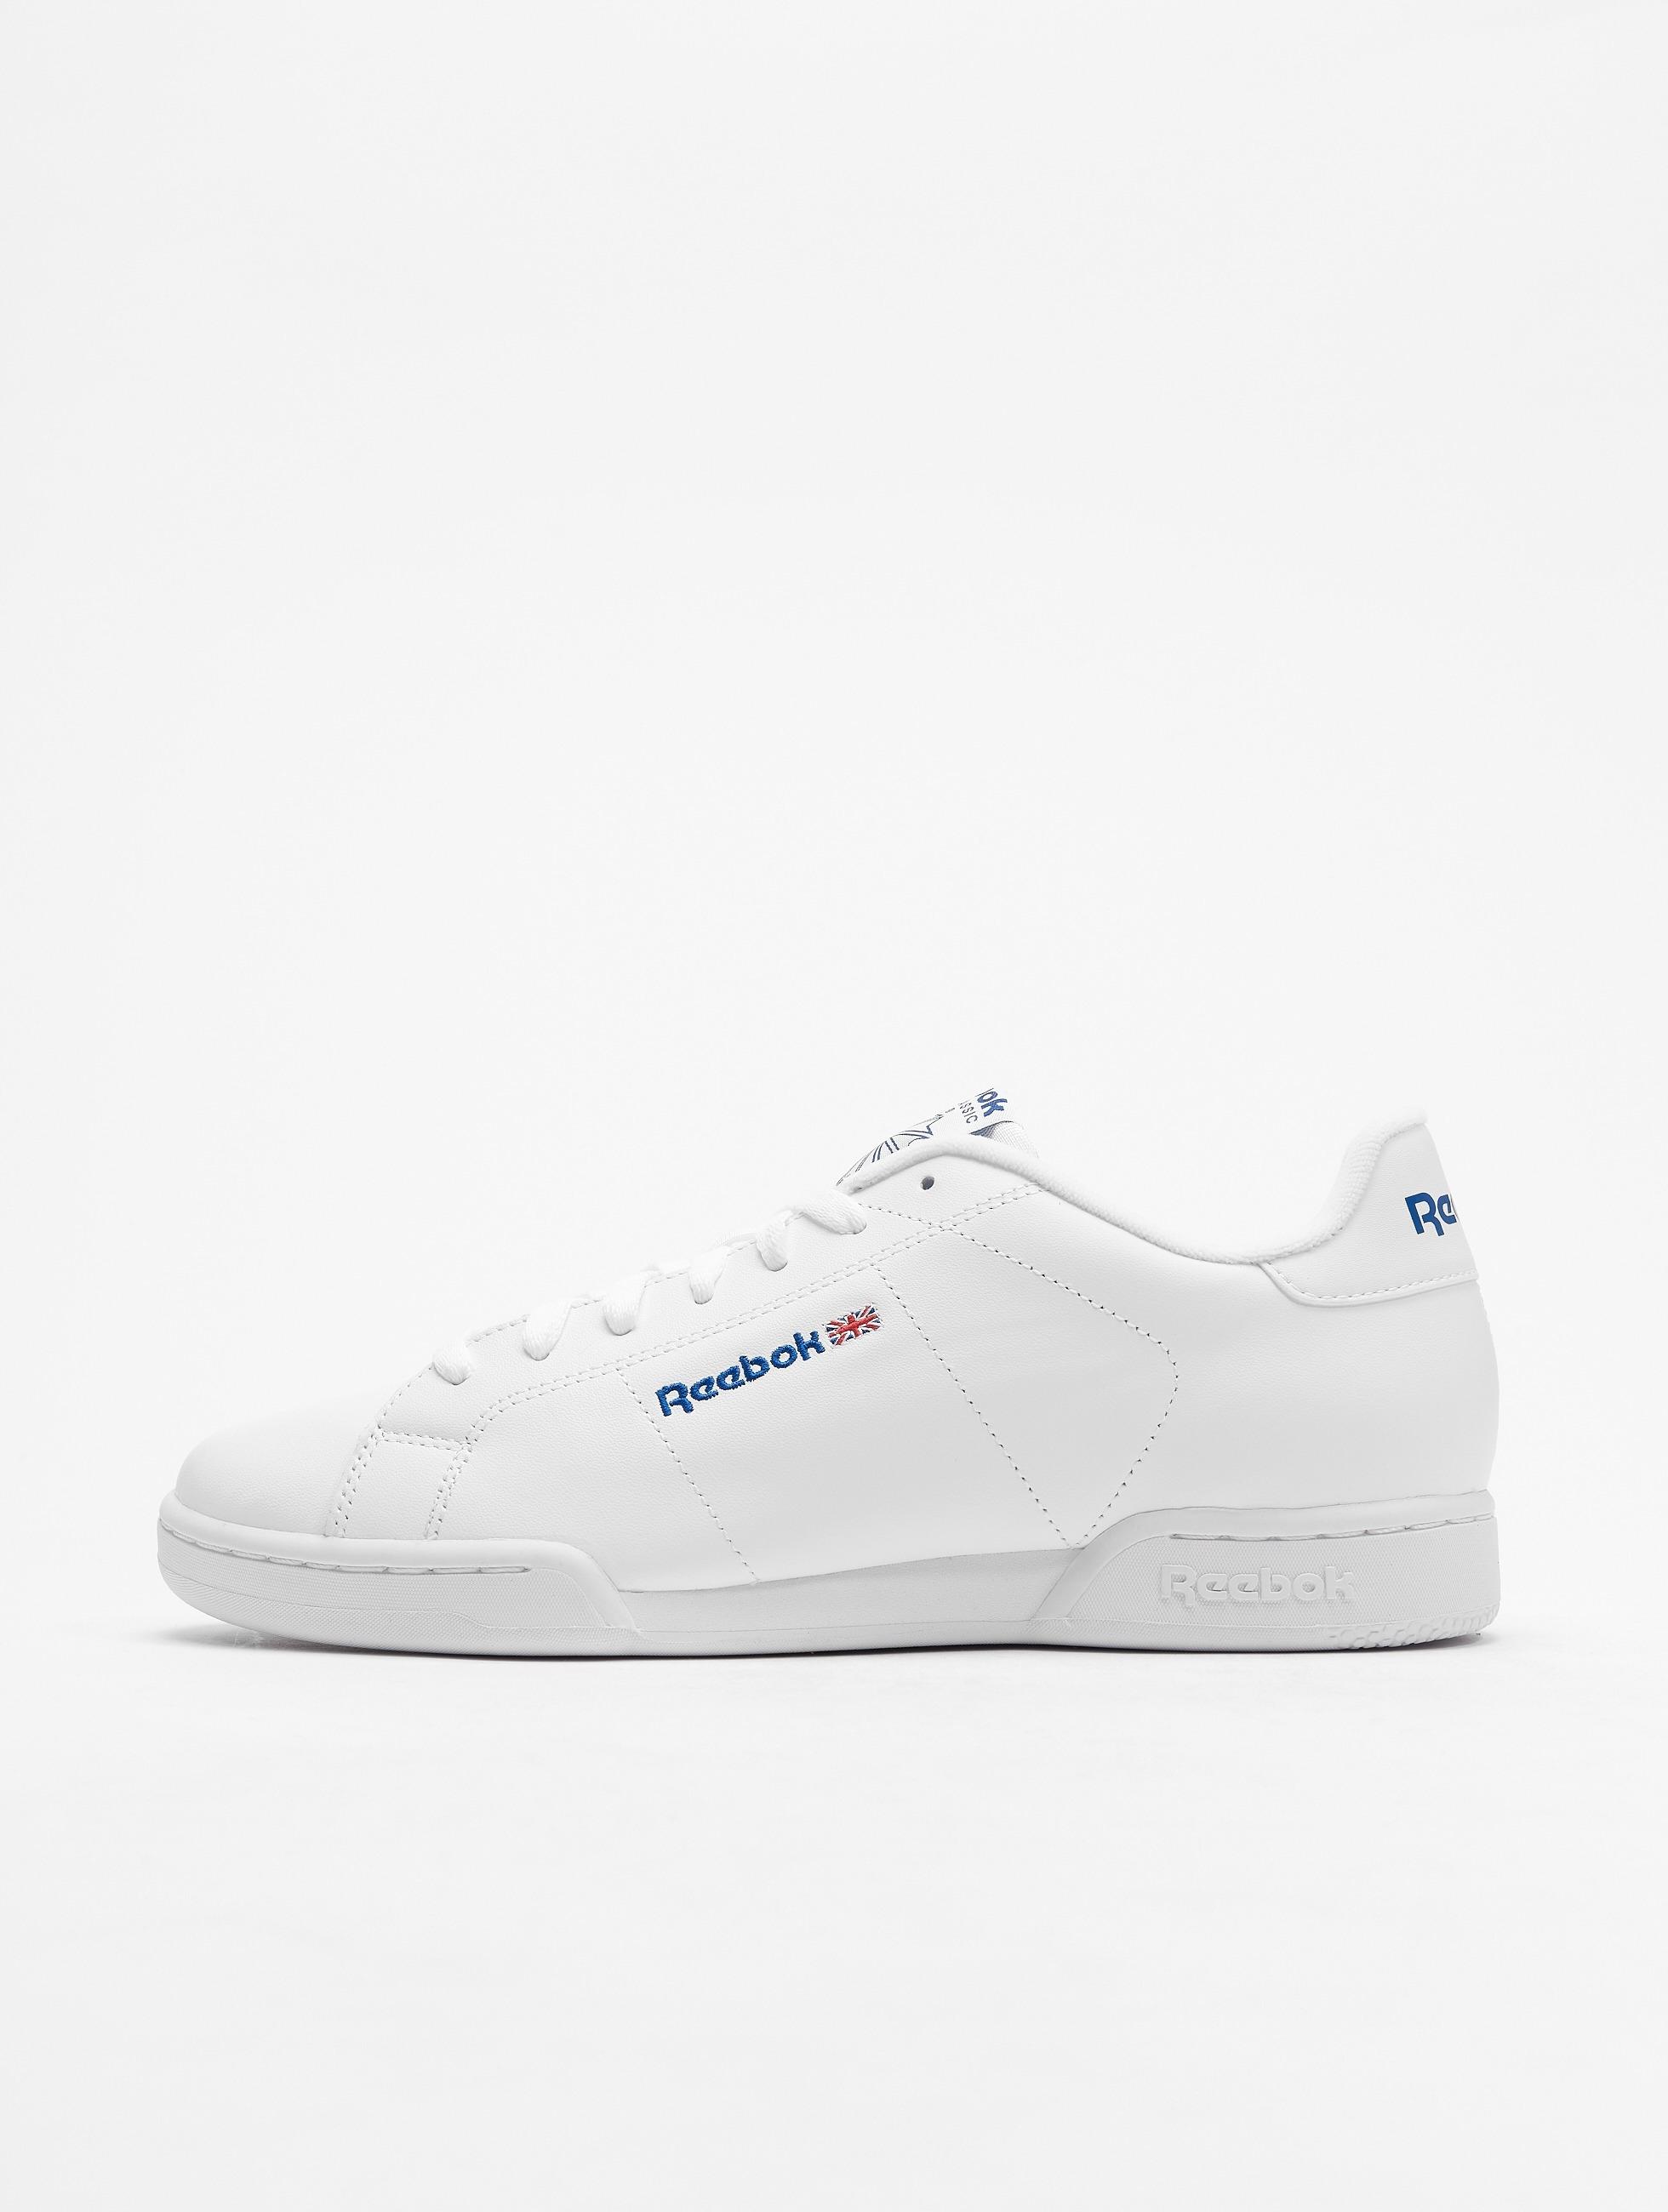 Reebok Männer,Frauen Sneaker NPC II in weiß